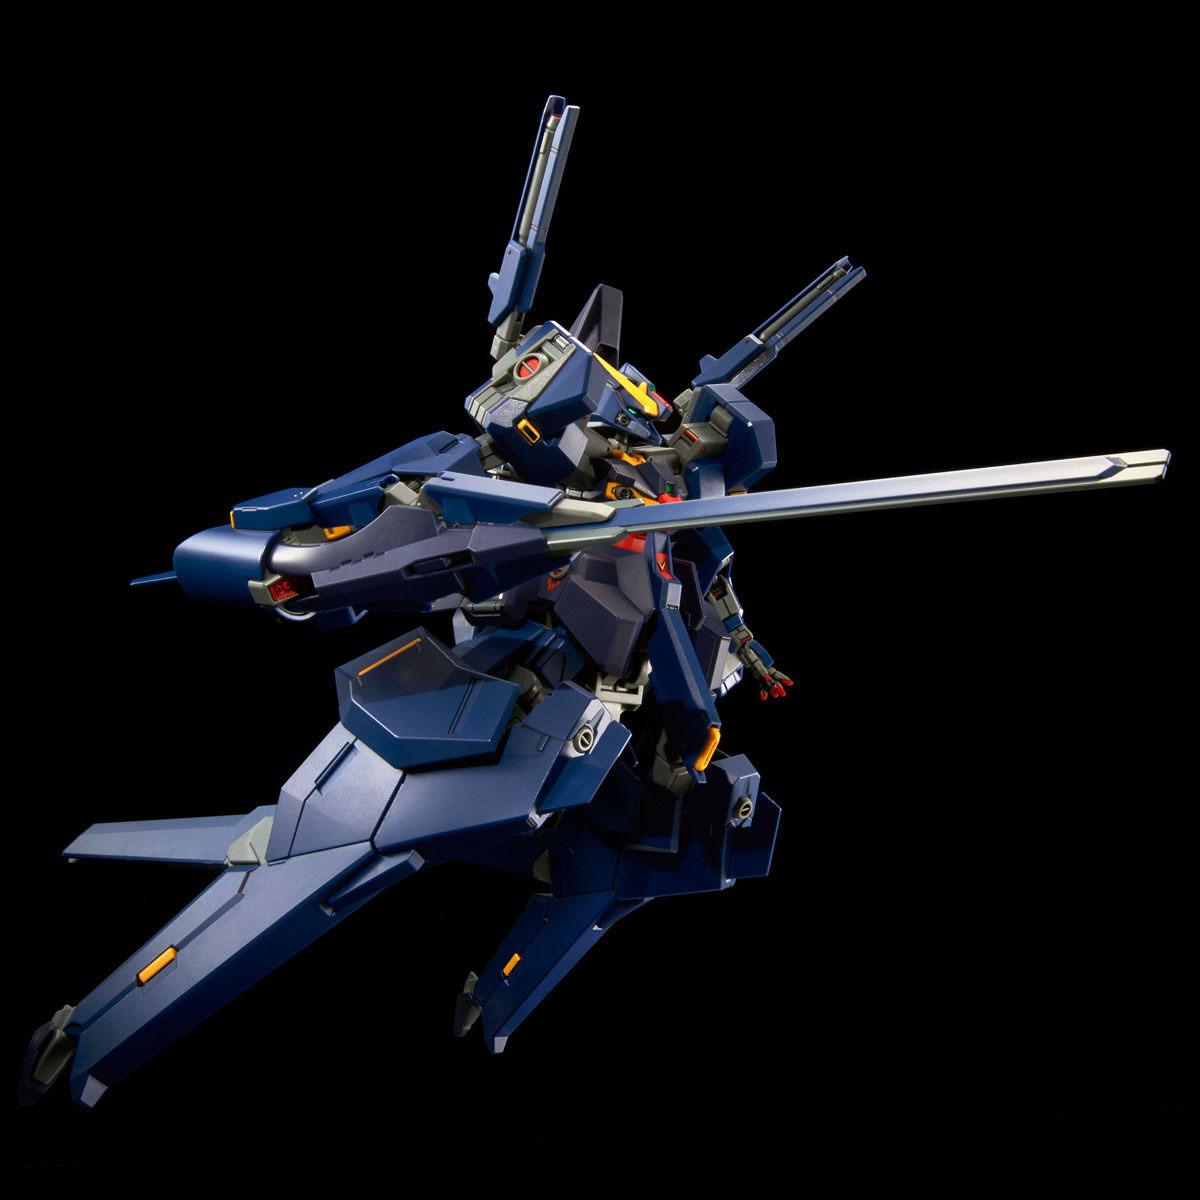 【限定販売】HG 1/144『ガンダムTR-6[ハイゼンスレイII]』プラモデル-003